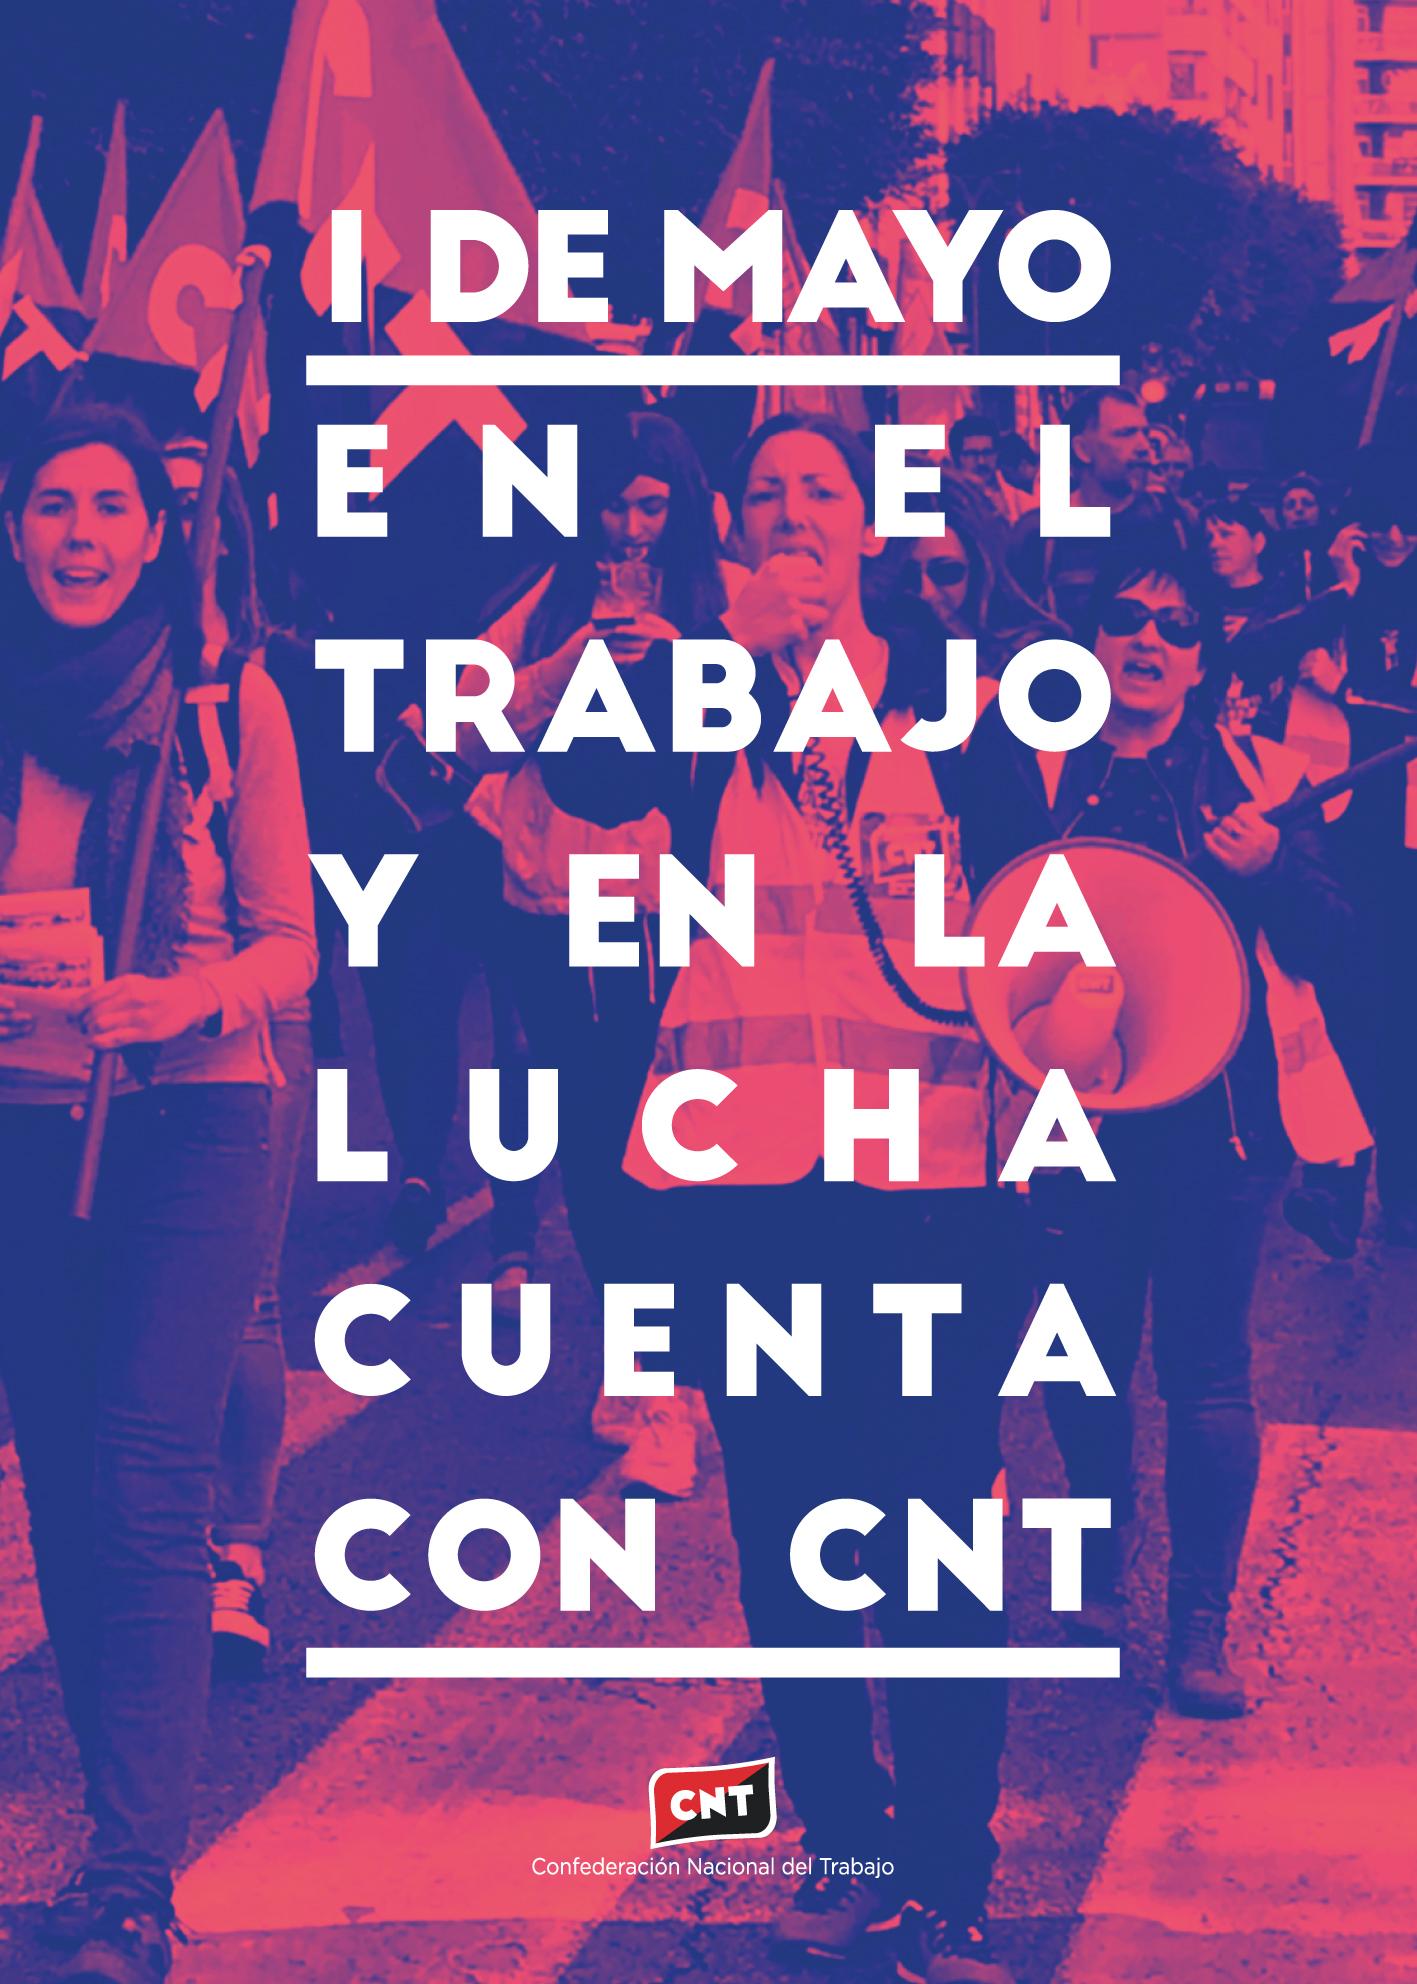 1 de Mayo: En el trabajo y en la lucha, cuenta con CNT